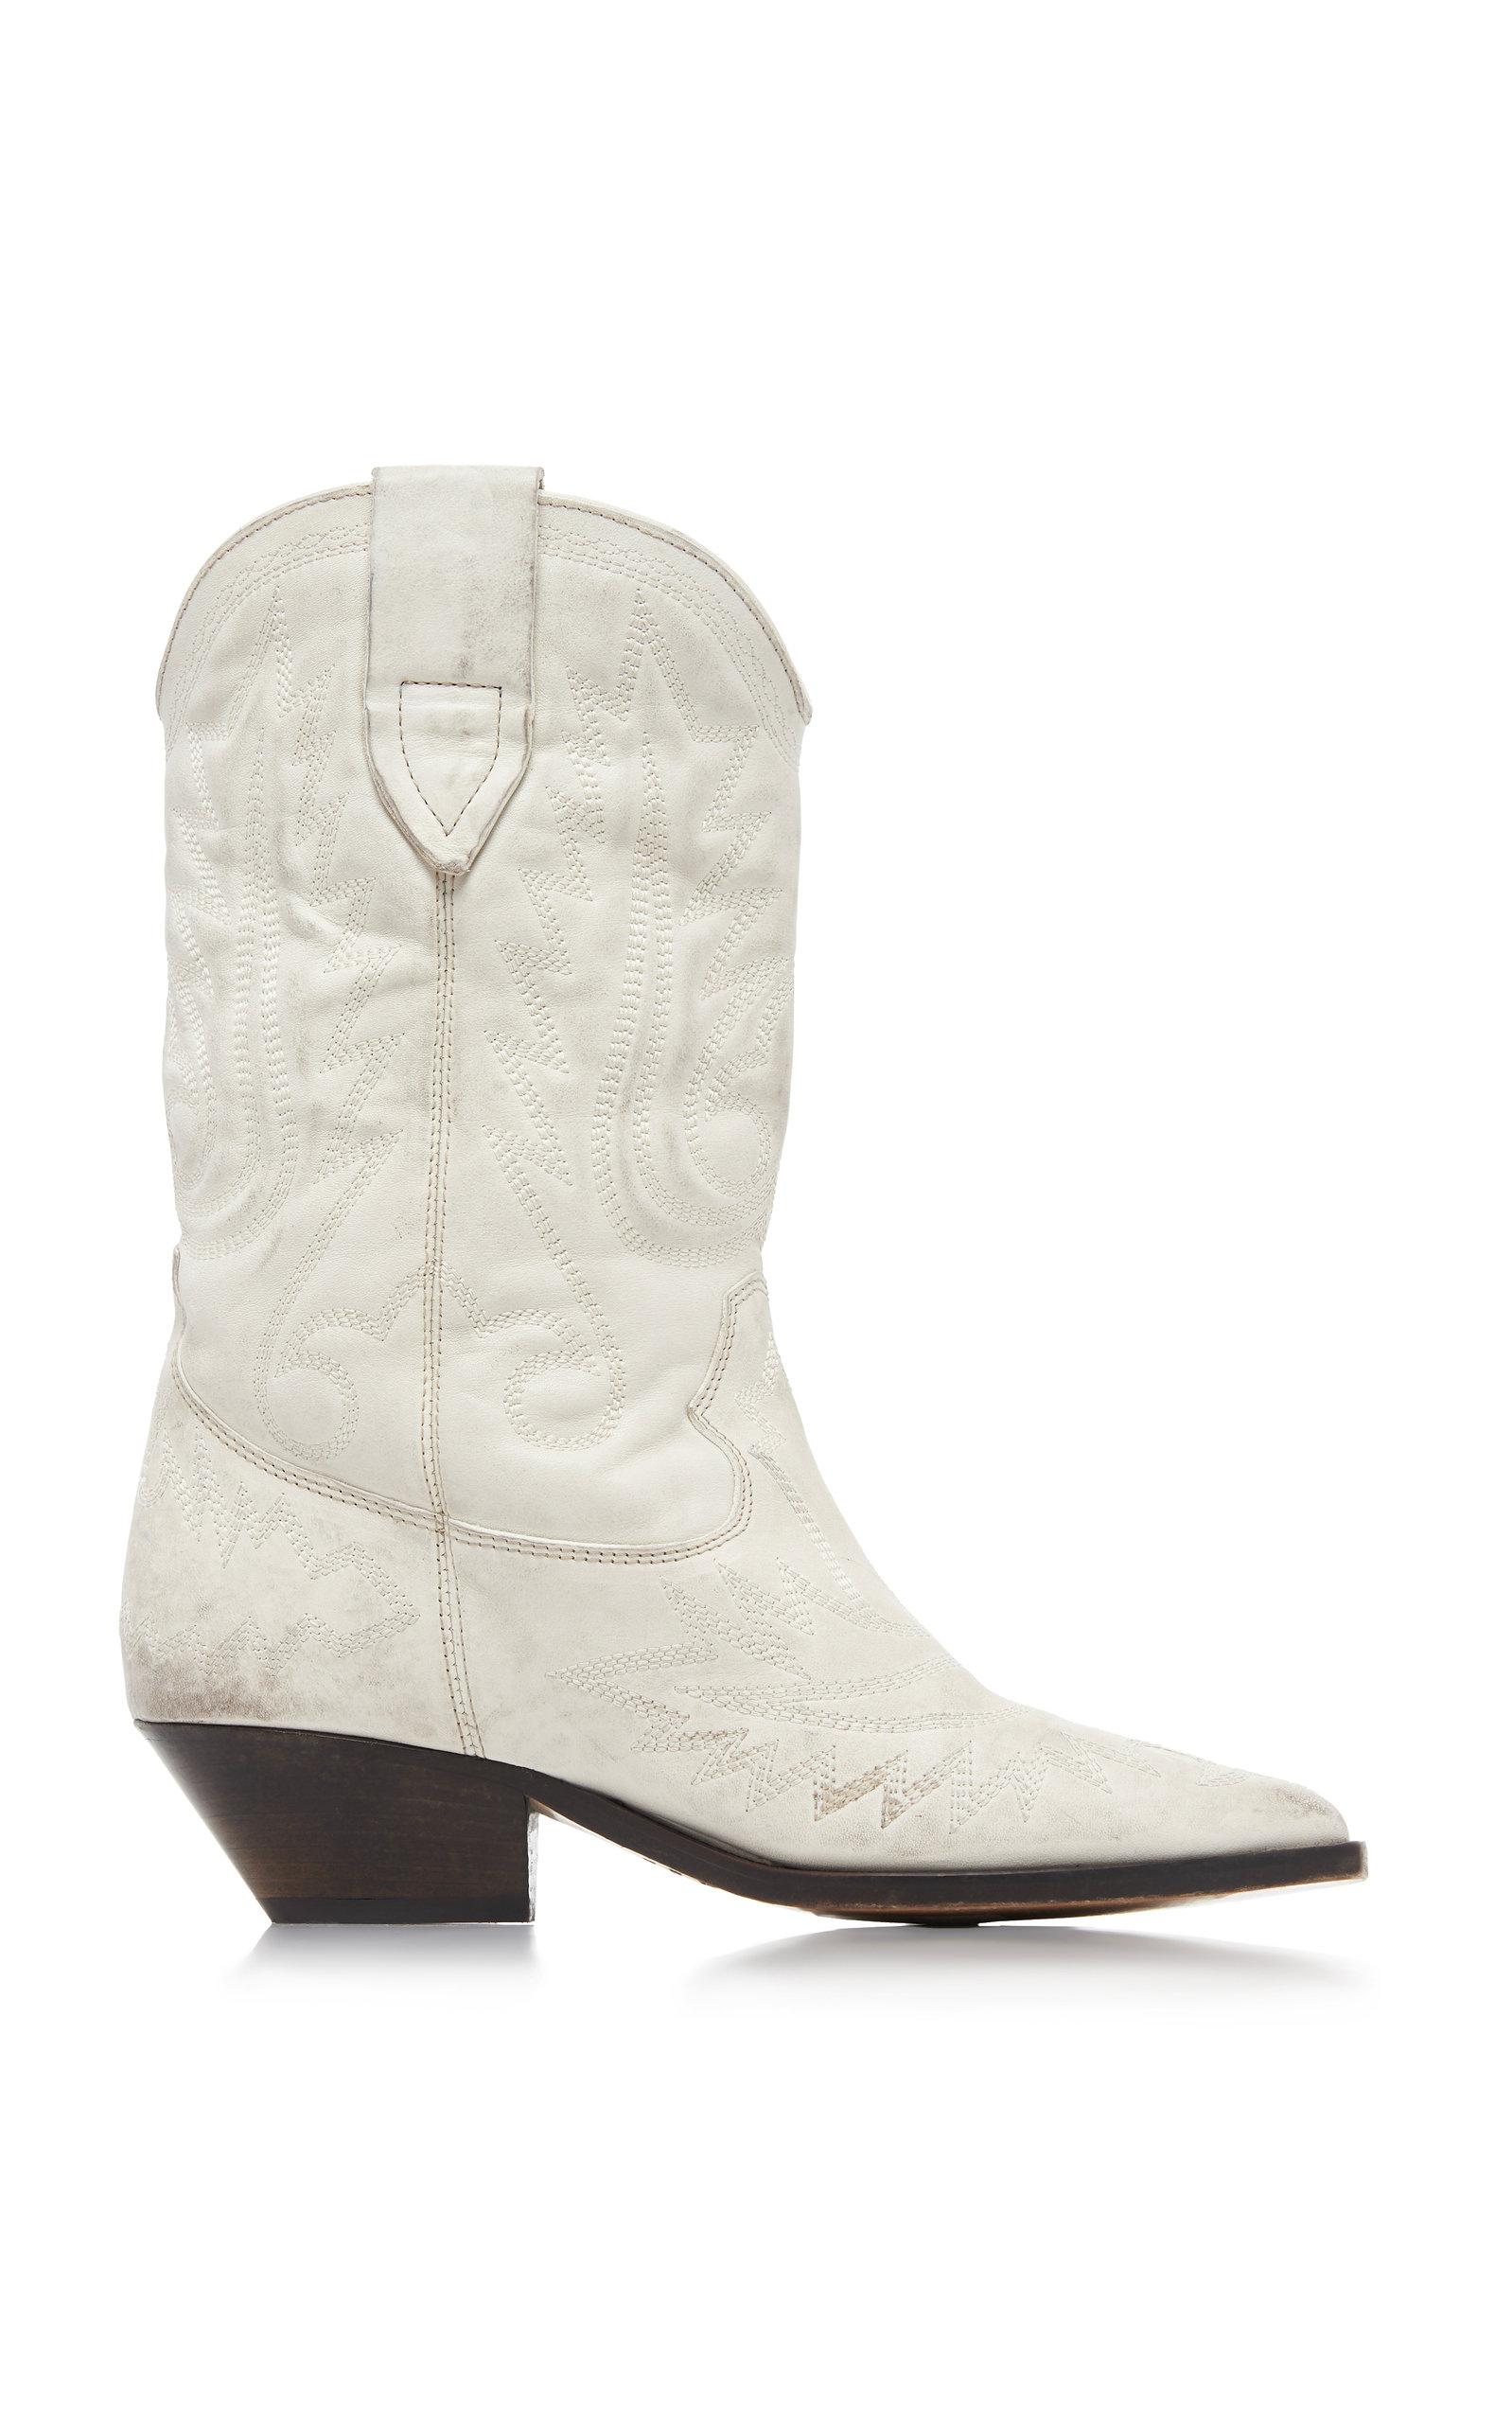 vente officielle plus grand choix de site officiel Duerto Leather Cowboy Boots in White